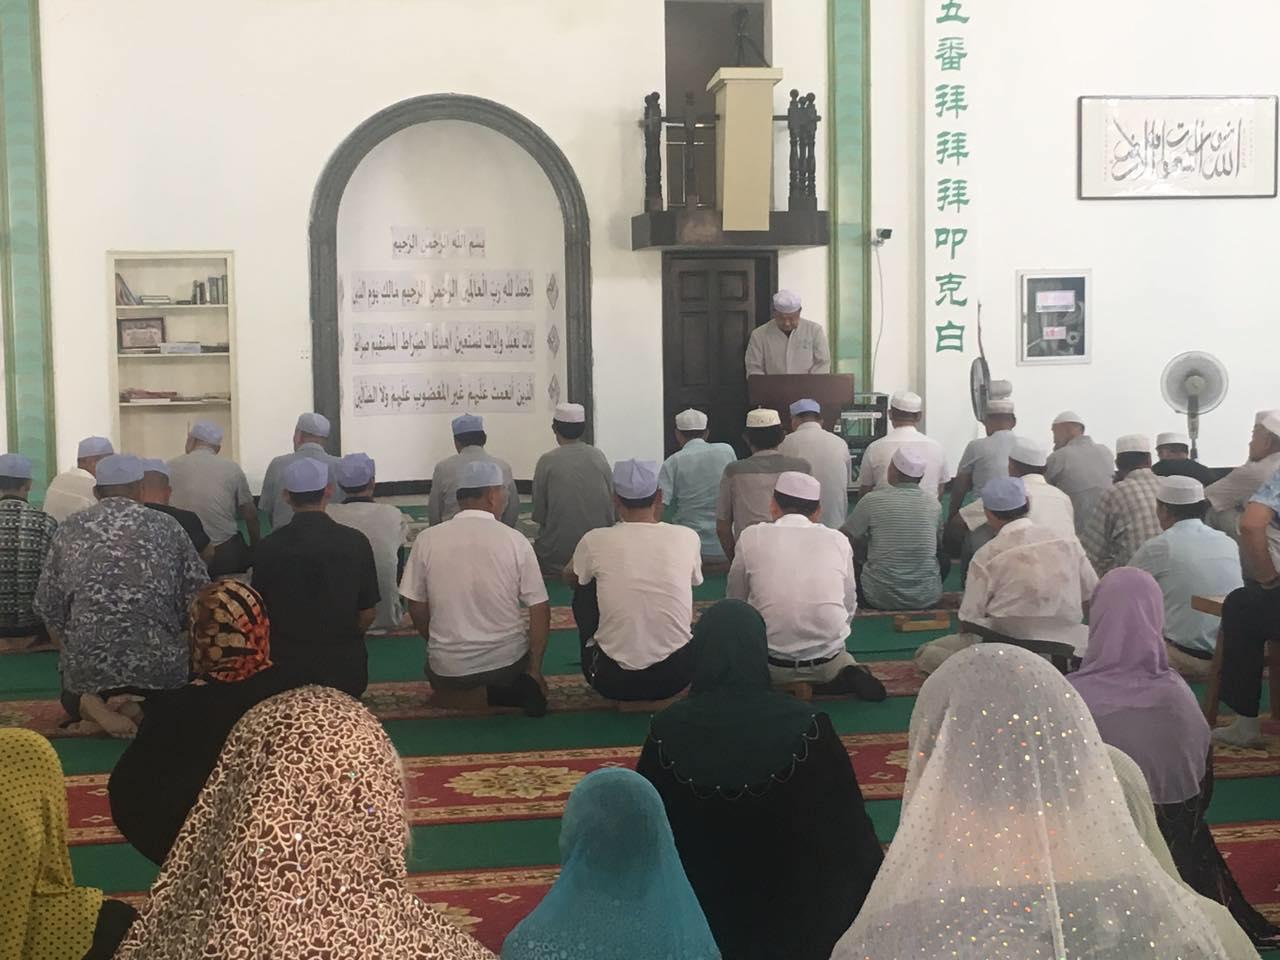 山东枣庄穆斯林来泗阳清真寺参观学习